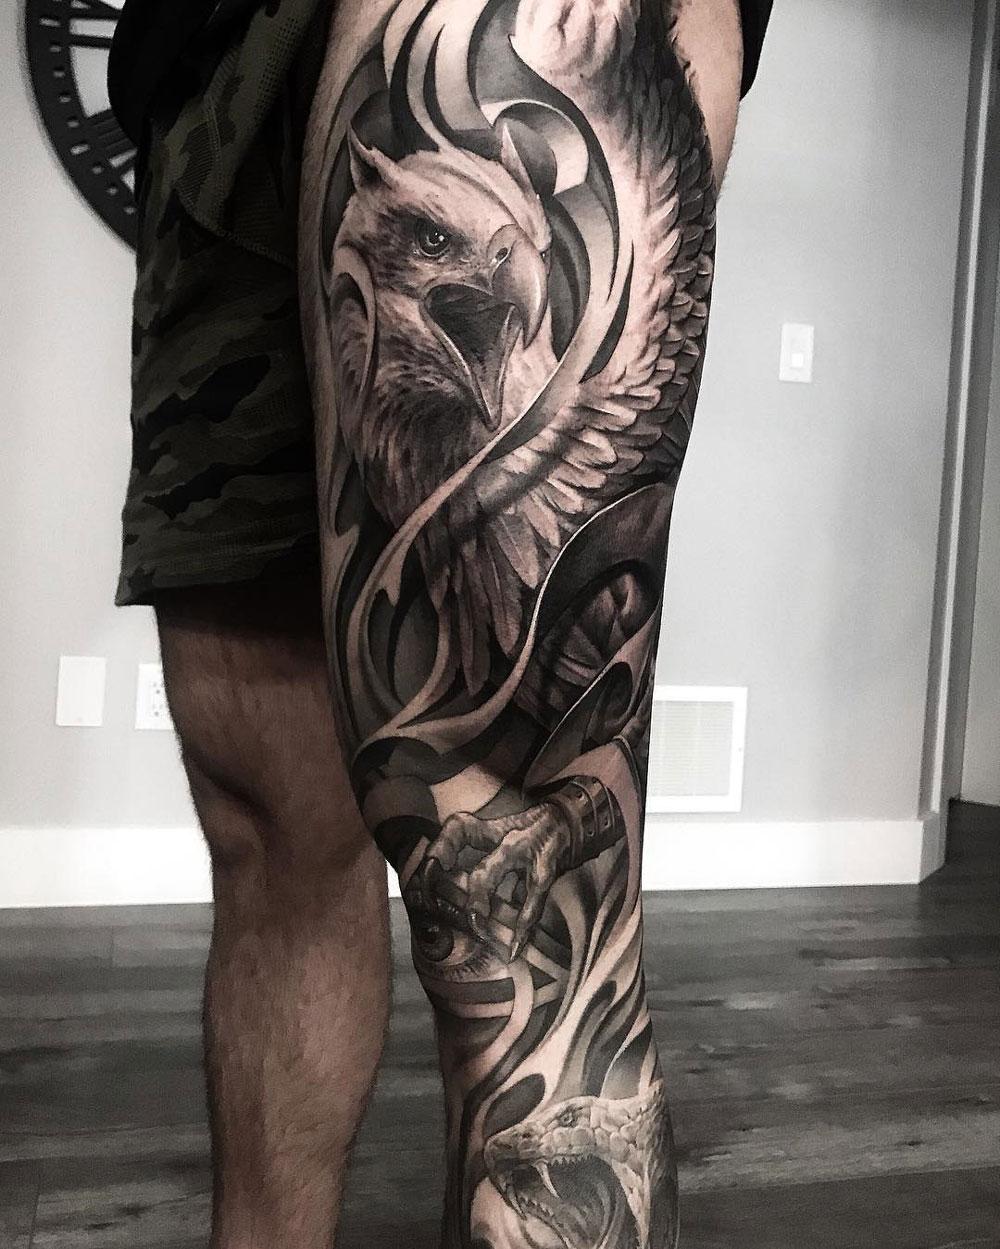 Griffin leg